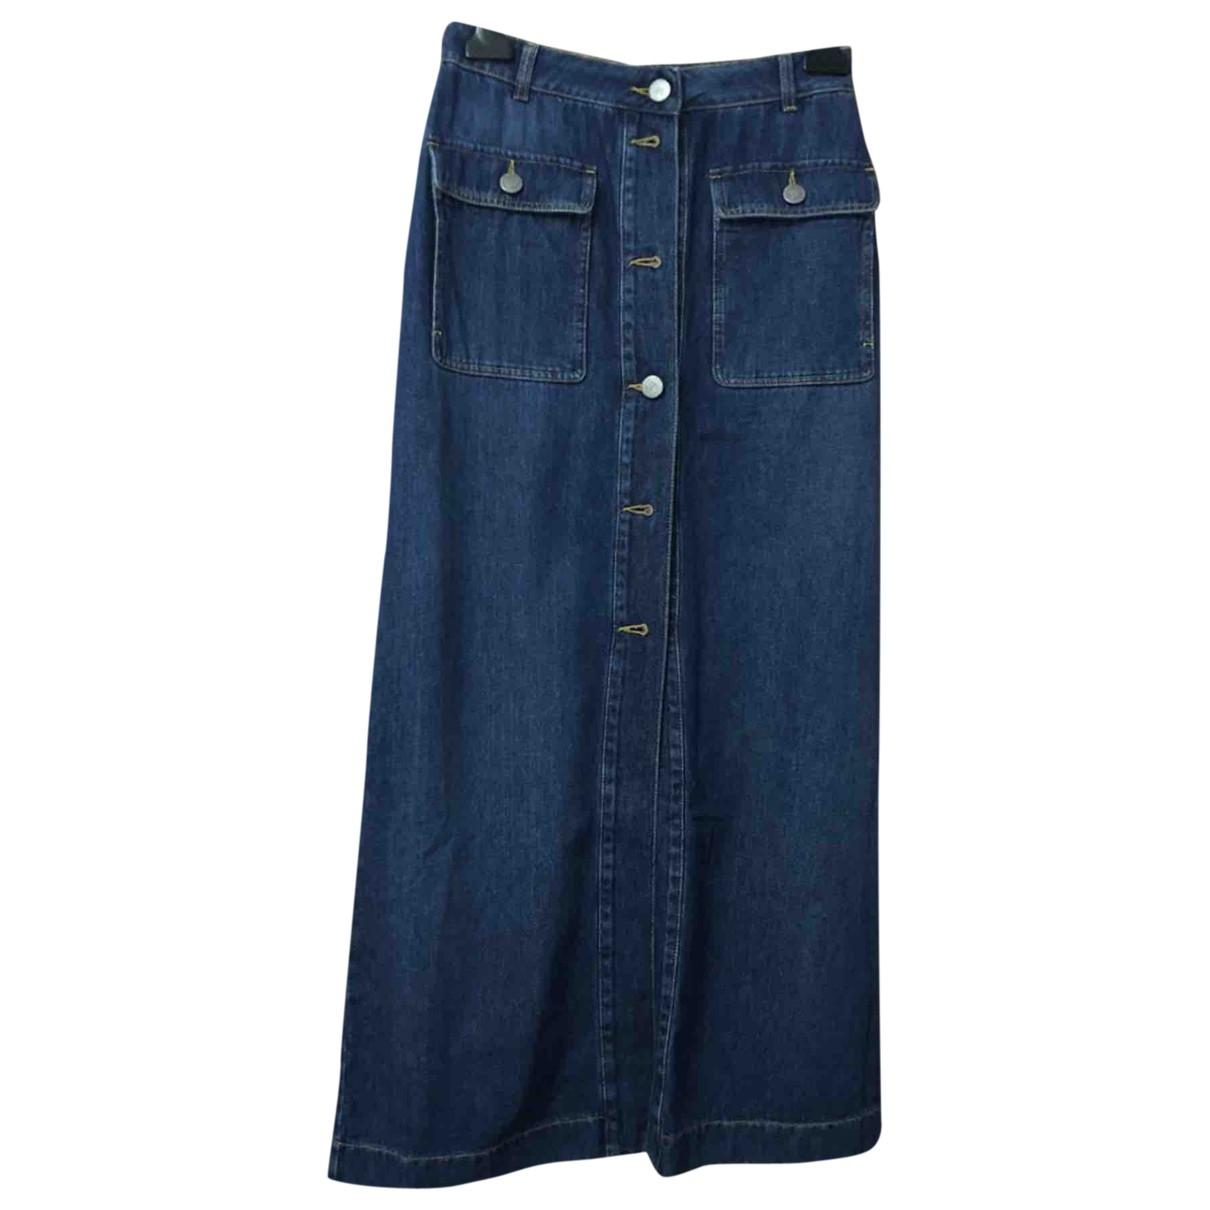 Twin Set \N Blue Denim - Jeans skirt for Women 42 IT